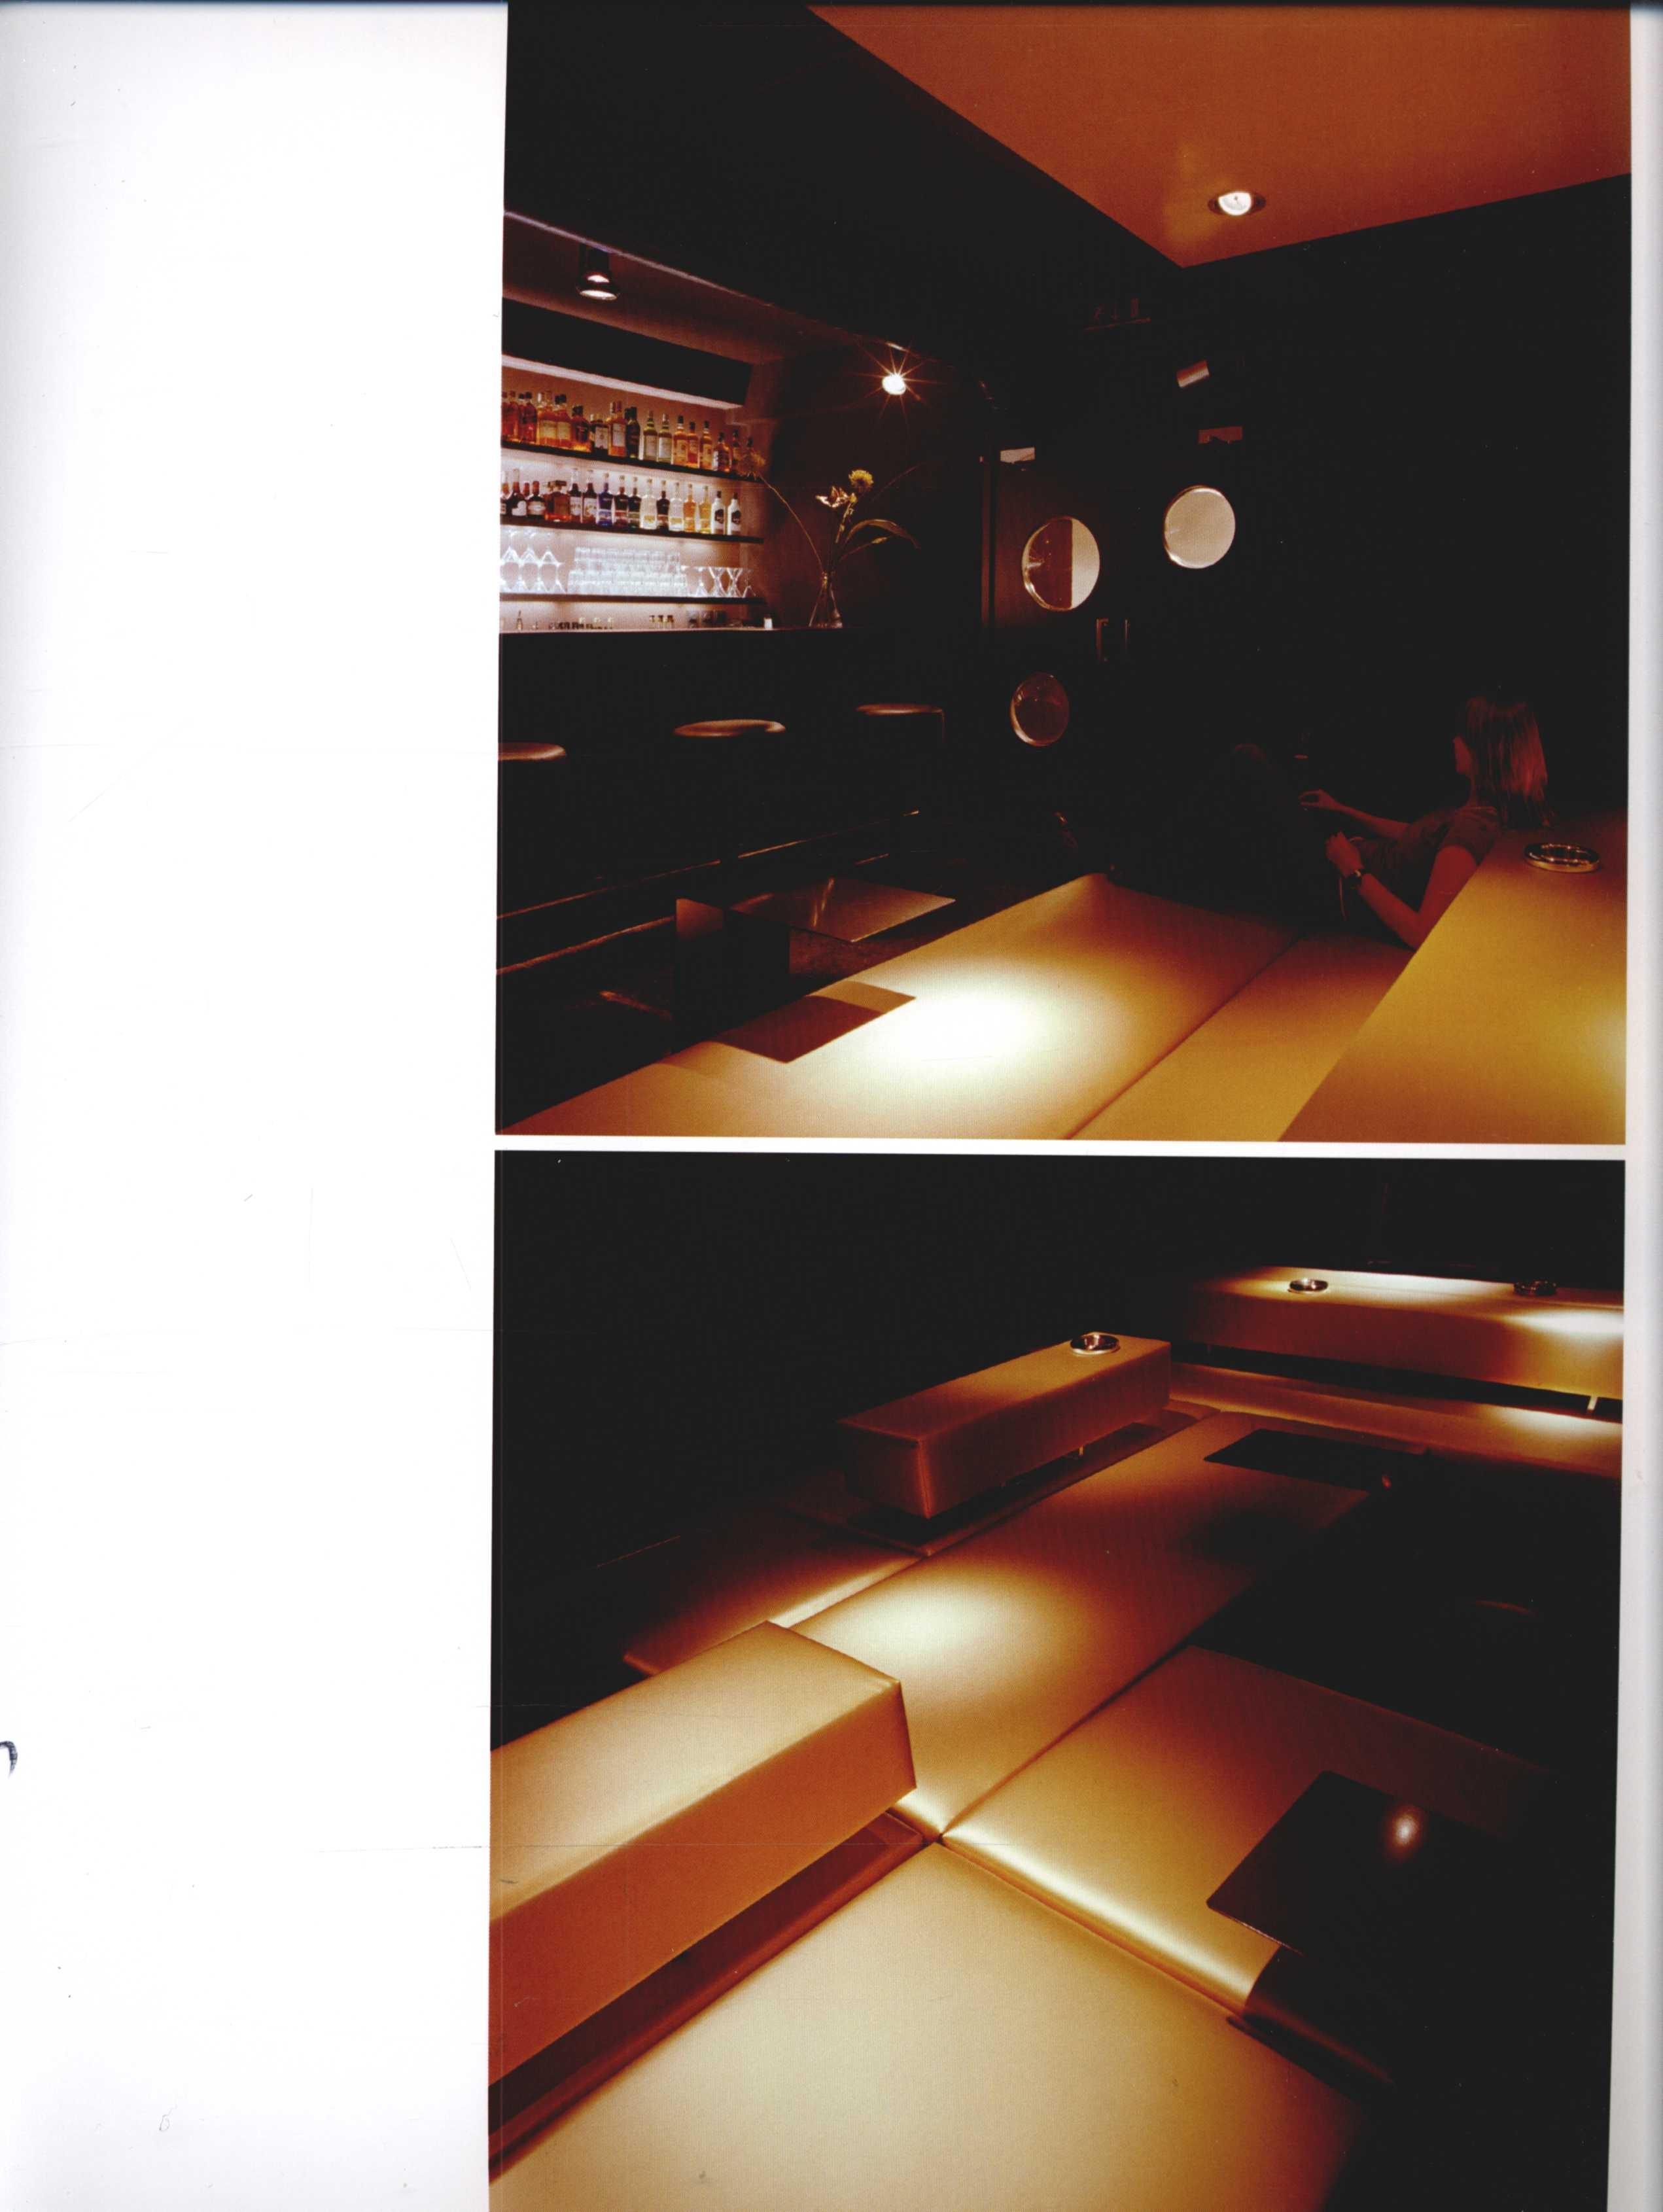 2012全球室内设计年鉴  餐饮_Page_189.jpg